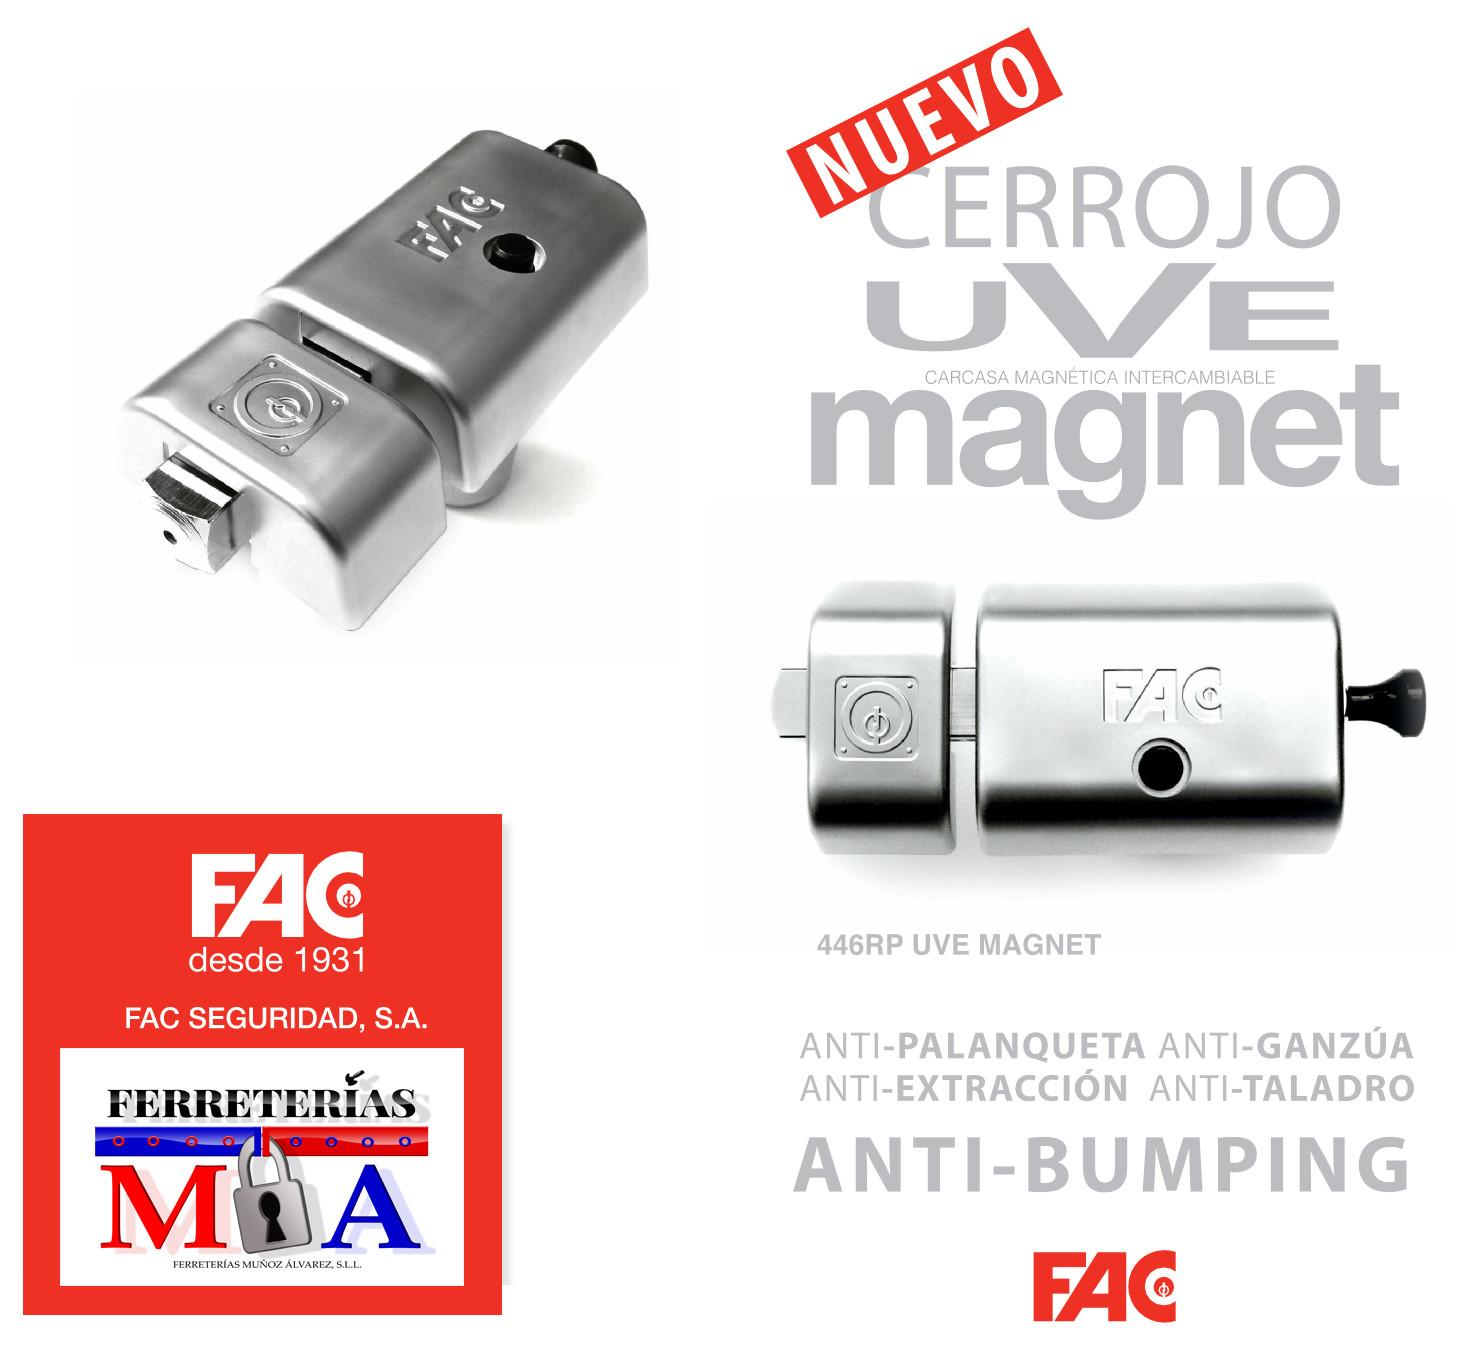 Cerrojo FAC uVe Magnet